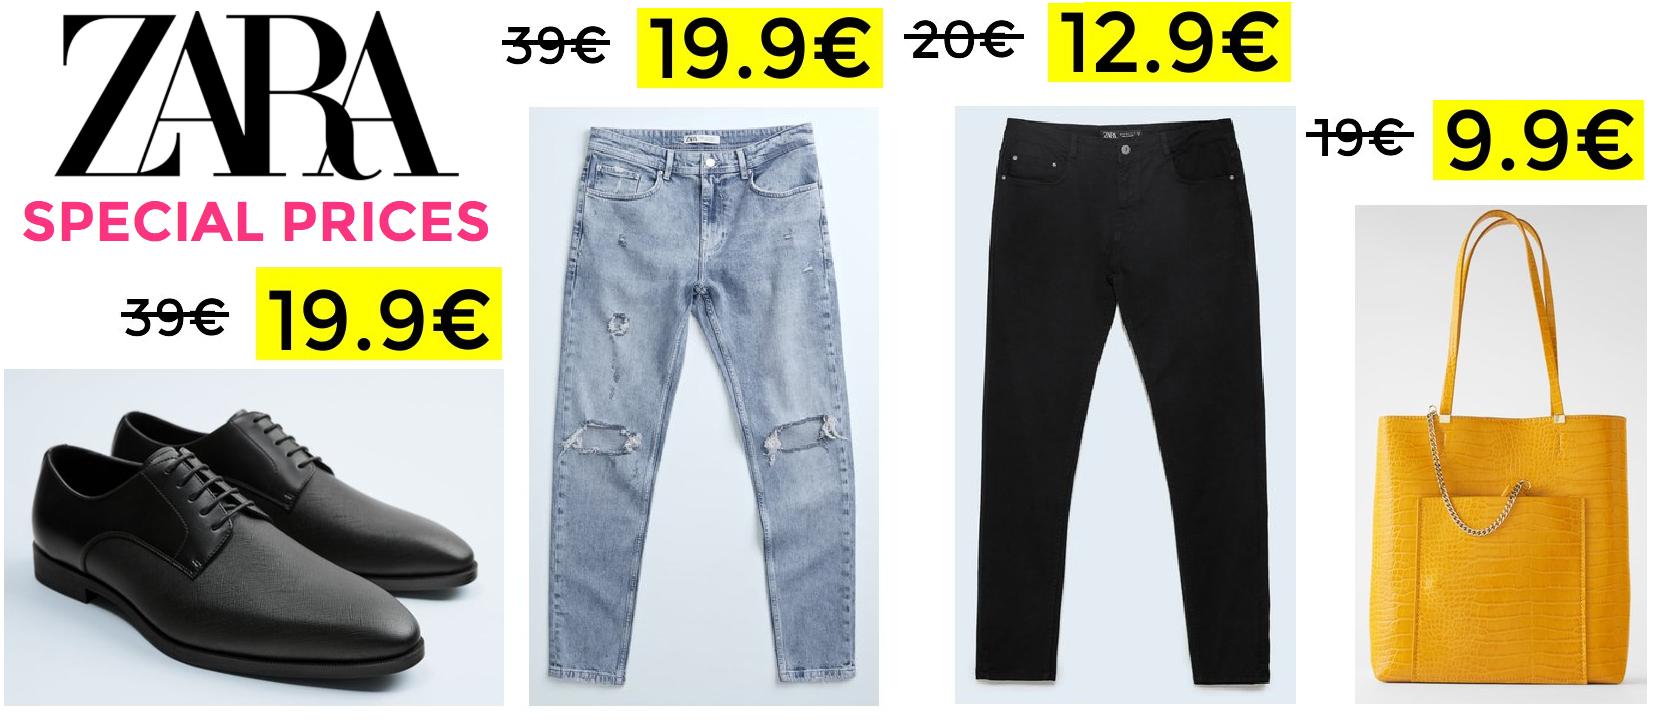 Hasta 50% de descuento en Zara Special Prices